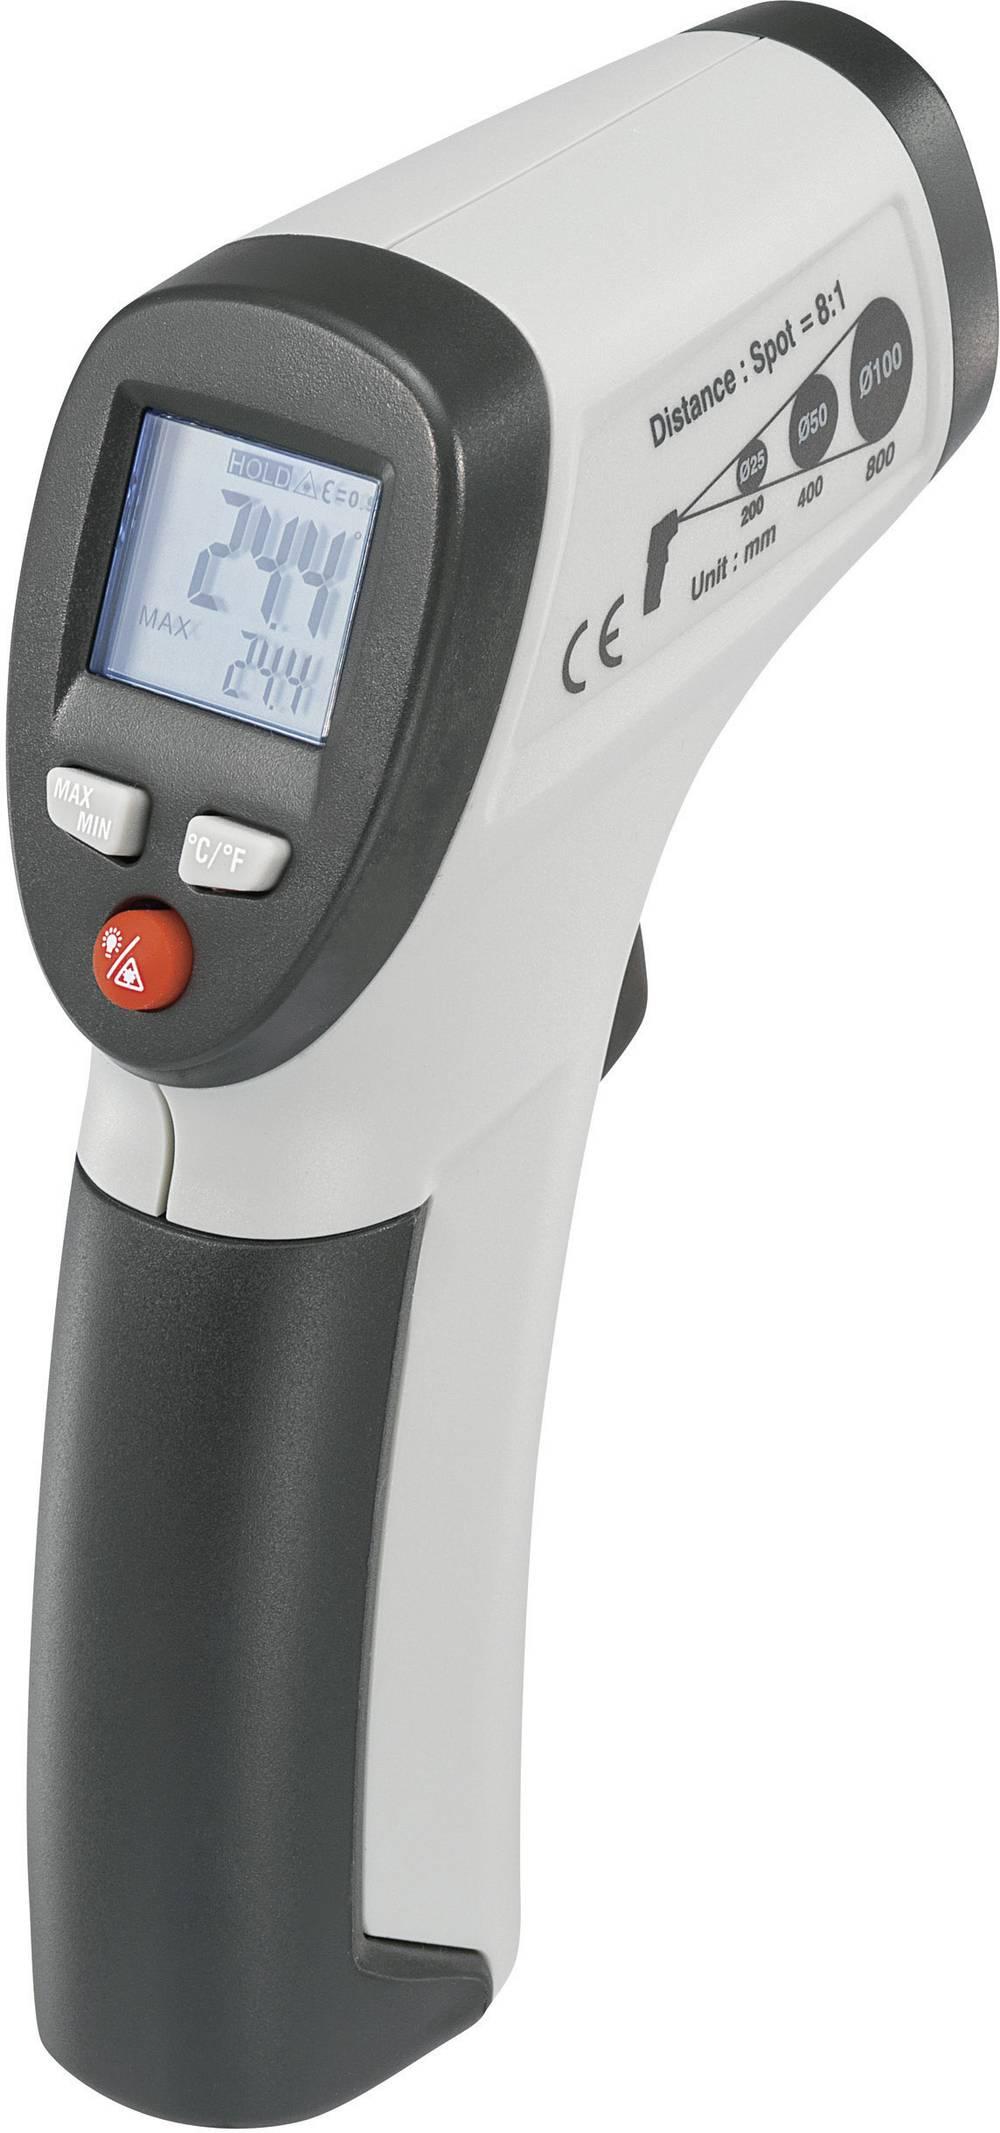 Infrardeči termometer VOLTCRAFT IR 500-8S optika 8:1 -50 do +500 °C pirometer, kalibracija narejena po: delovnih standardih